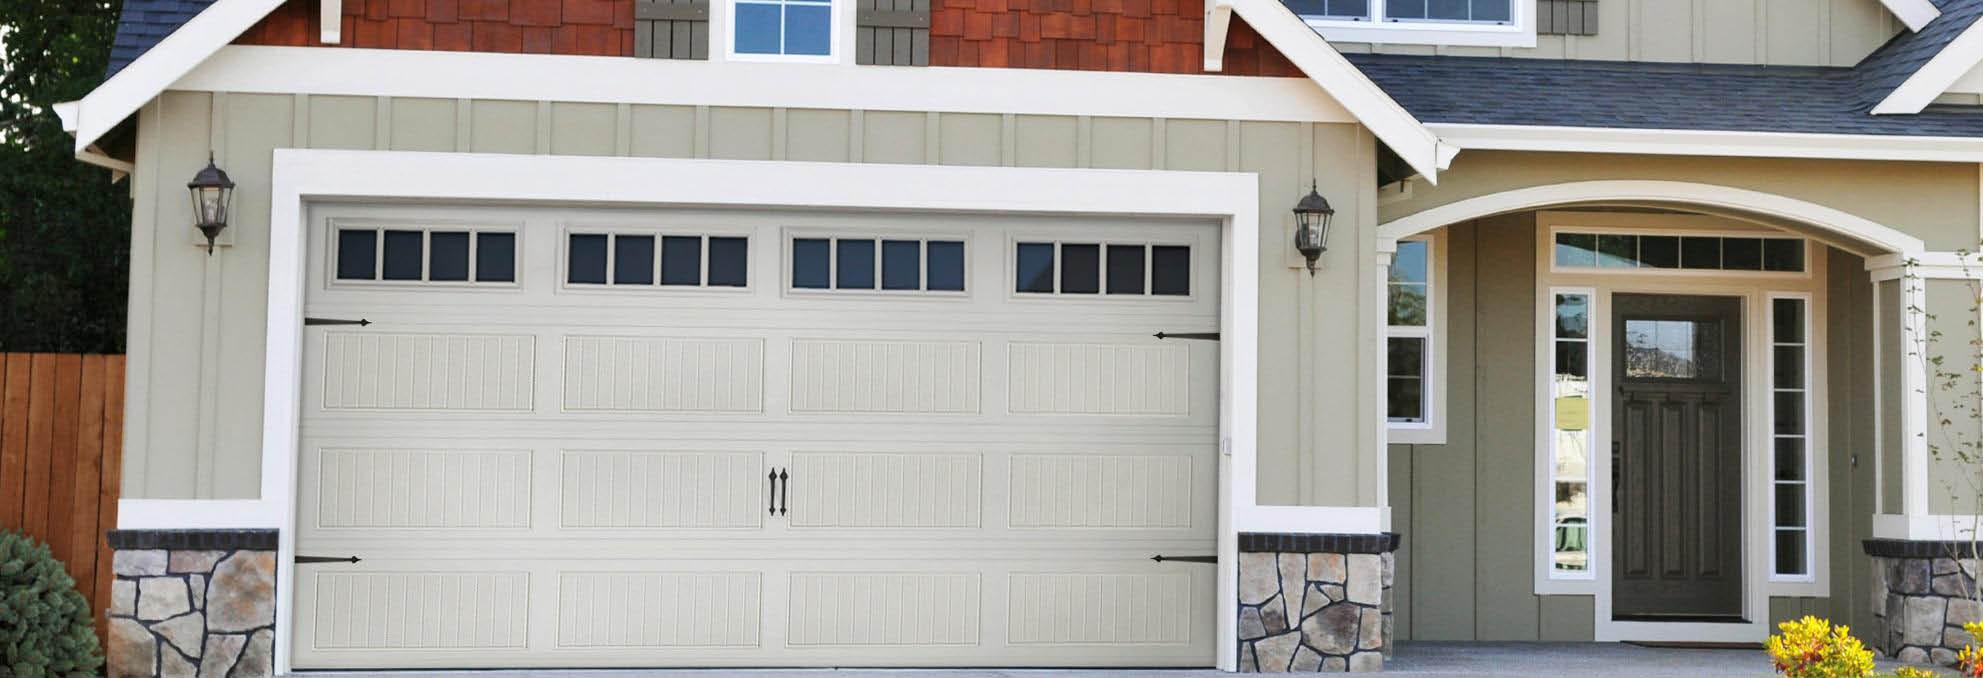 Garage Door service and replacement Clopay Garage Door Arizona